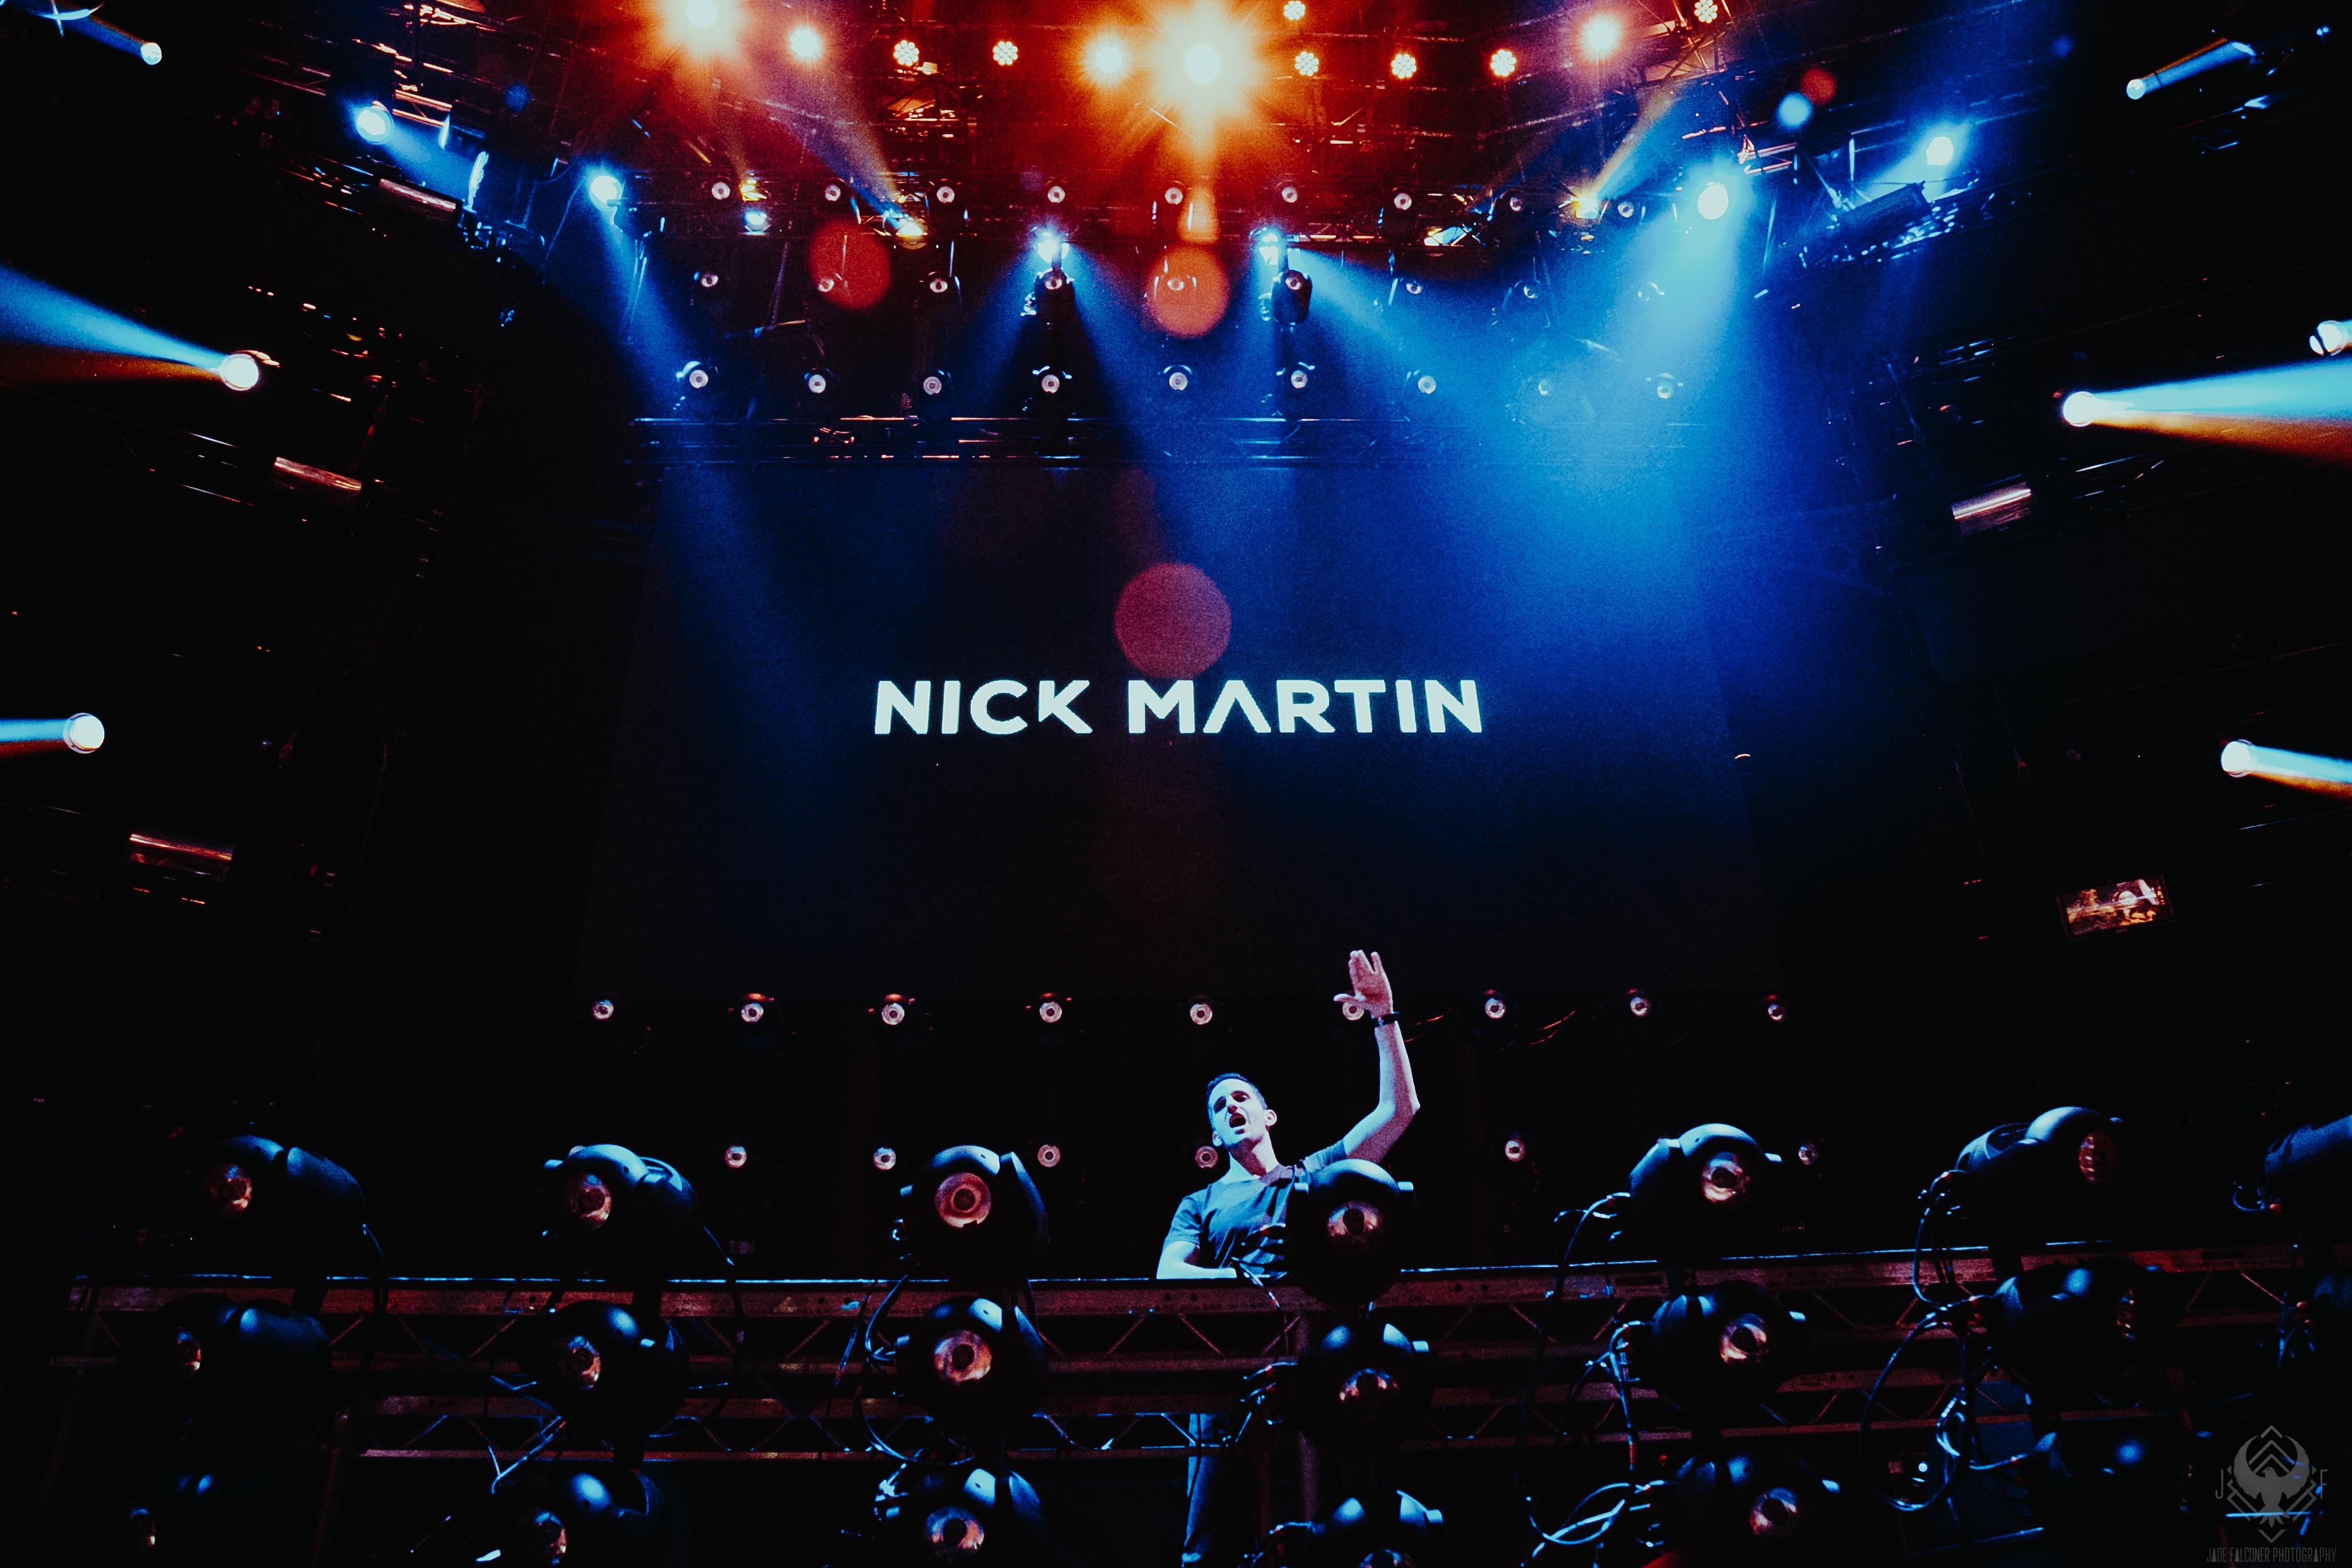 dj nick martin